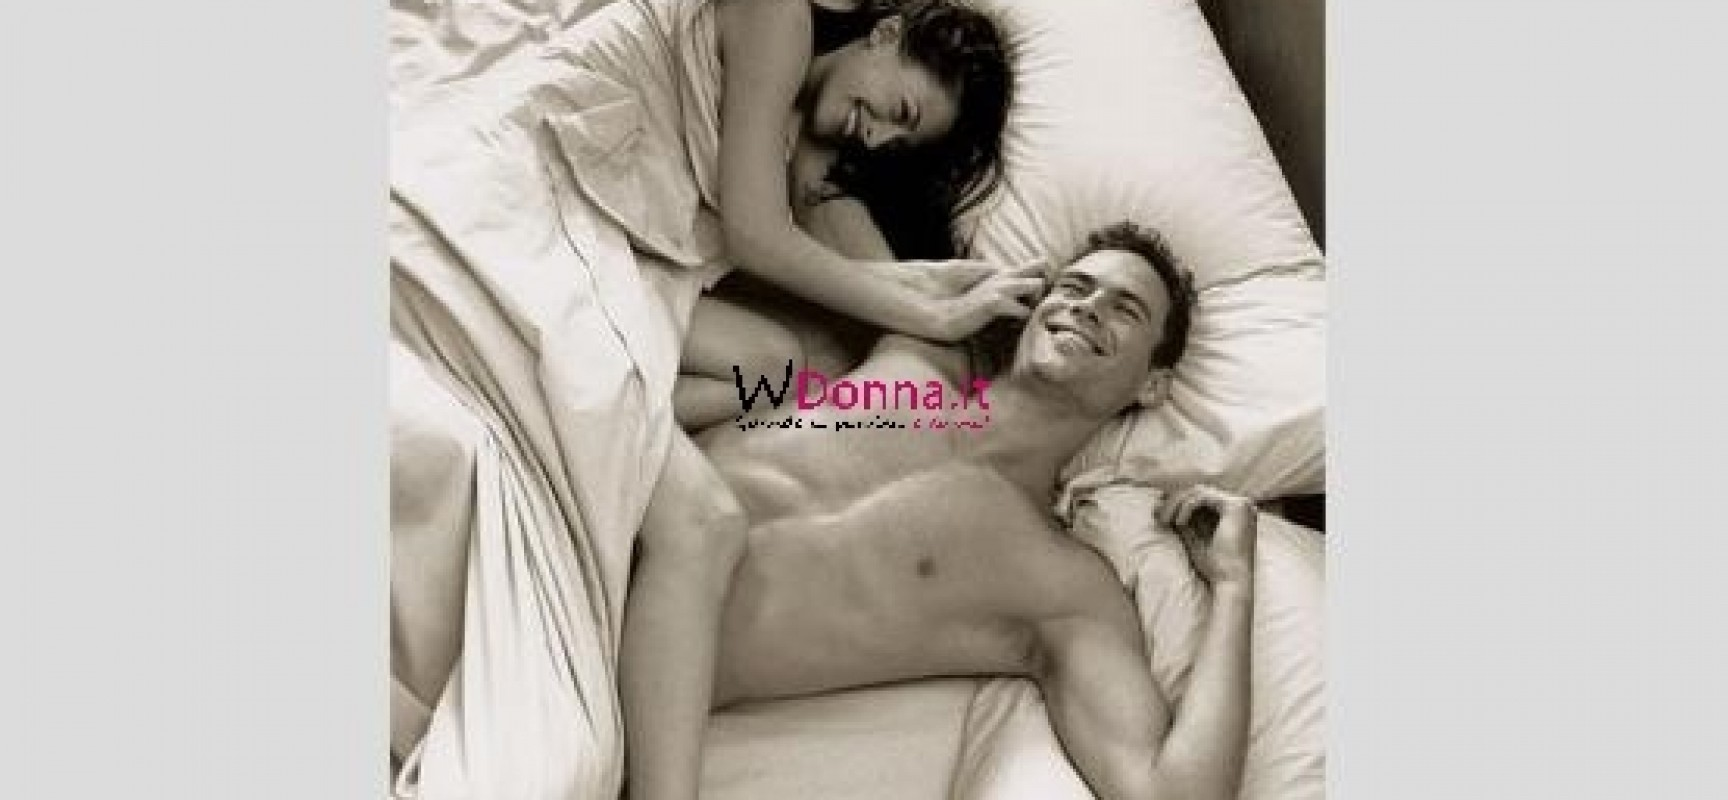 Фото половых актов мужчины и женщины 4 фотография